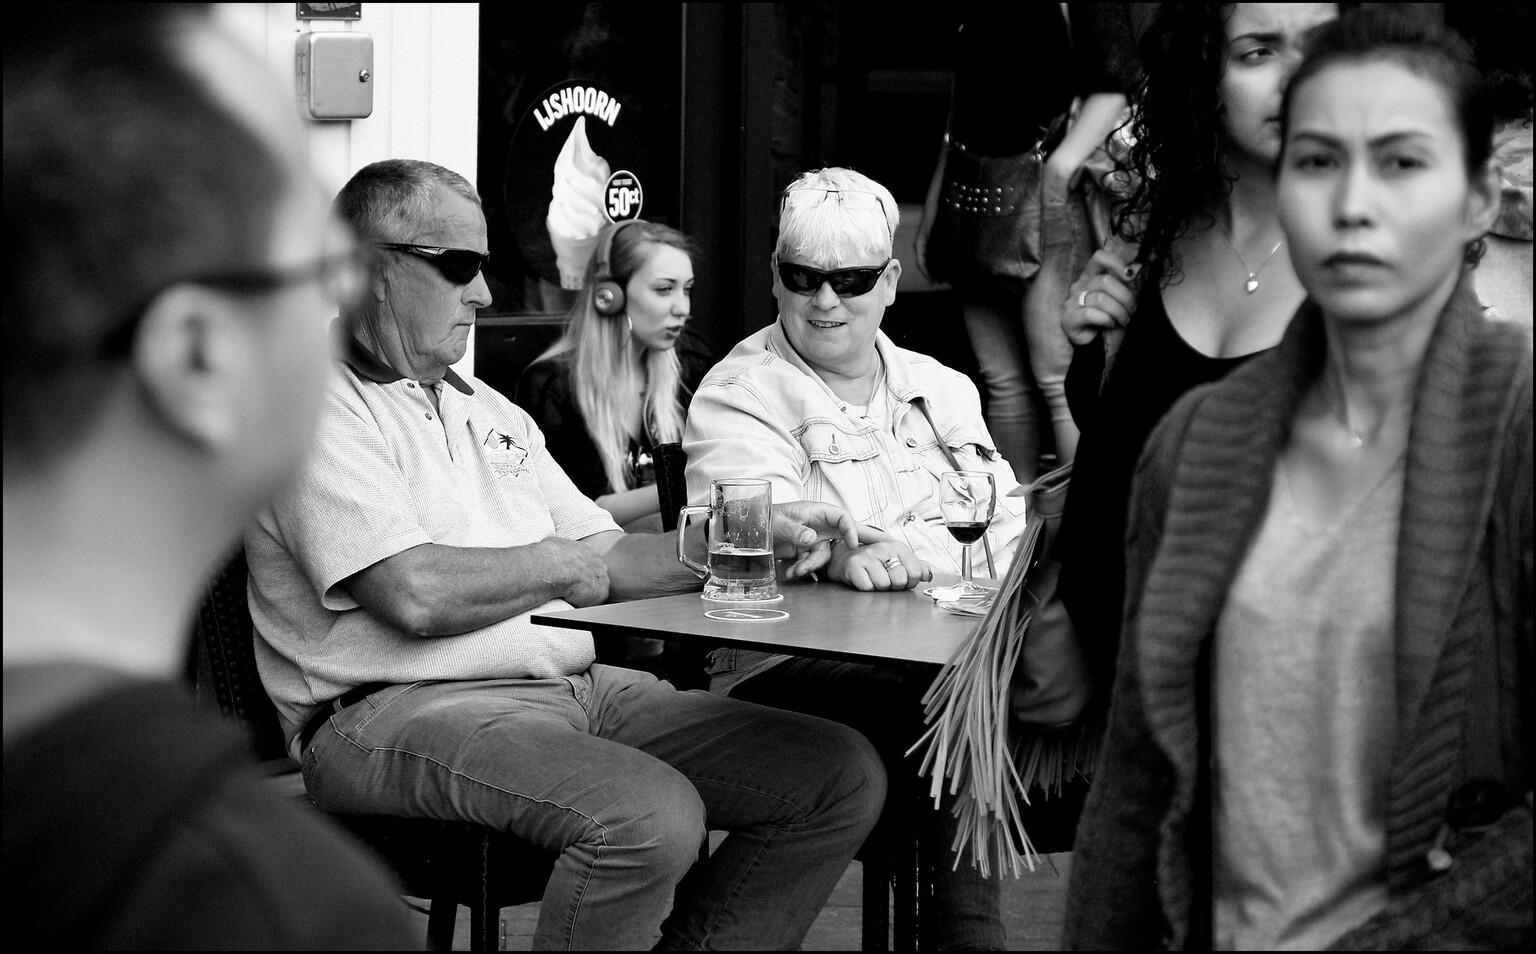 Toenadering - Damrak, Amsterdam 2017  Ik ben blij met alle mooie waarderingen bij mijn vorige foto: Ik zie je wel!! Allen bedankt! Grt Mary - foto door MaryBruijn op 18-04-2021 - locatie: Amsterdam, Nederland - deze foto bevat: mensen, terras, zwartwit, straatfotografie, kleding, zwart, brillen, staand, zwart en wit, tafel, oogzorg, stoel, stijl, interactie